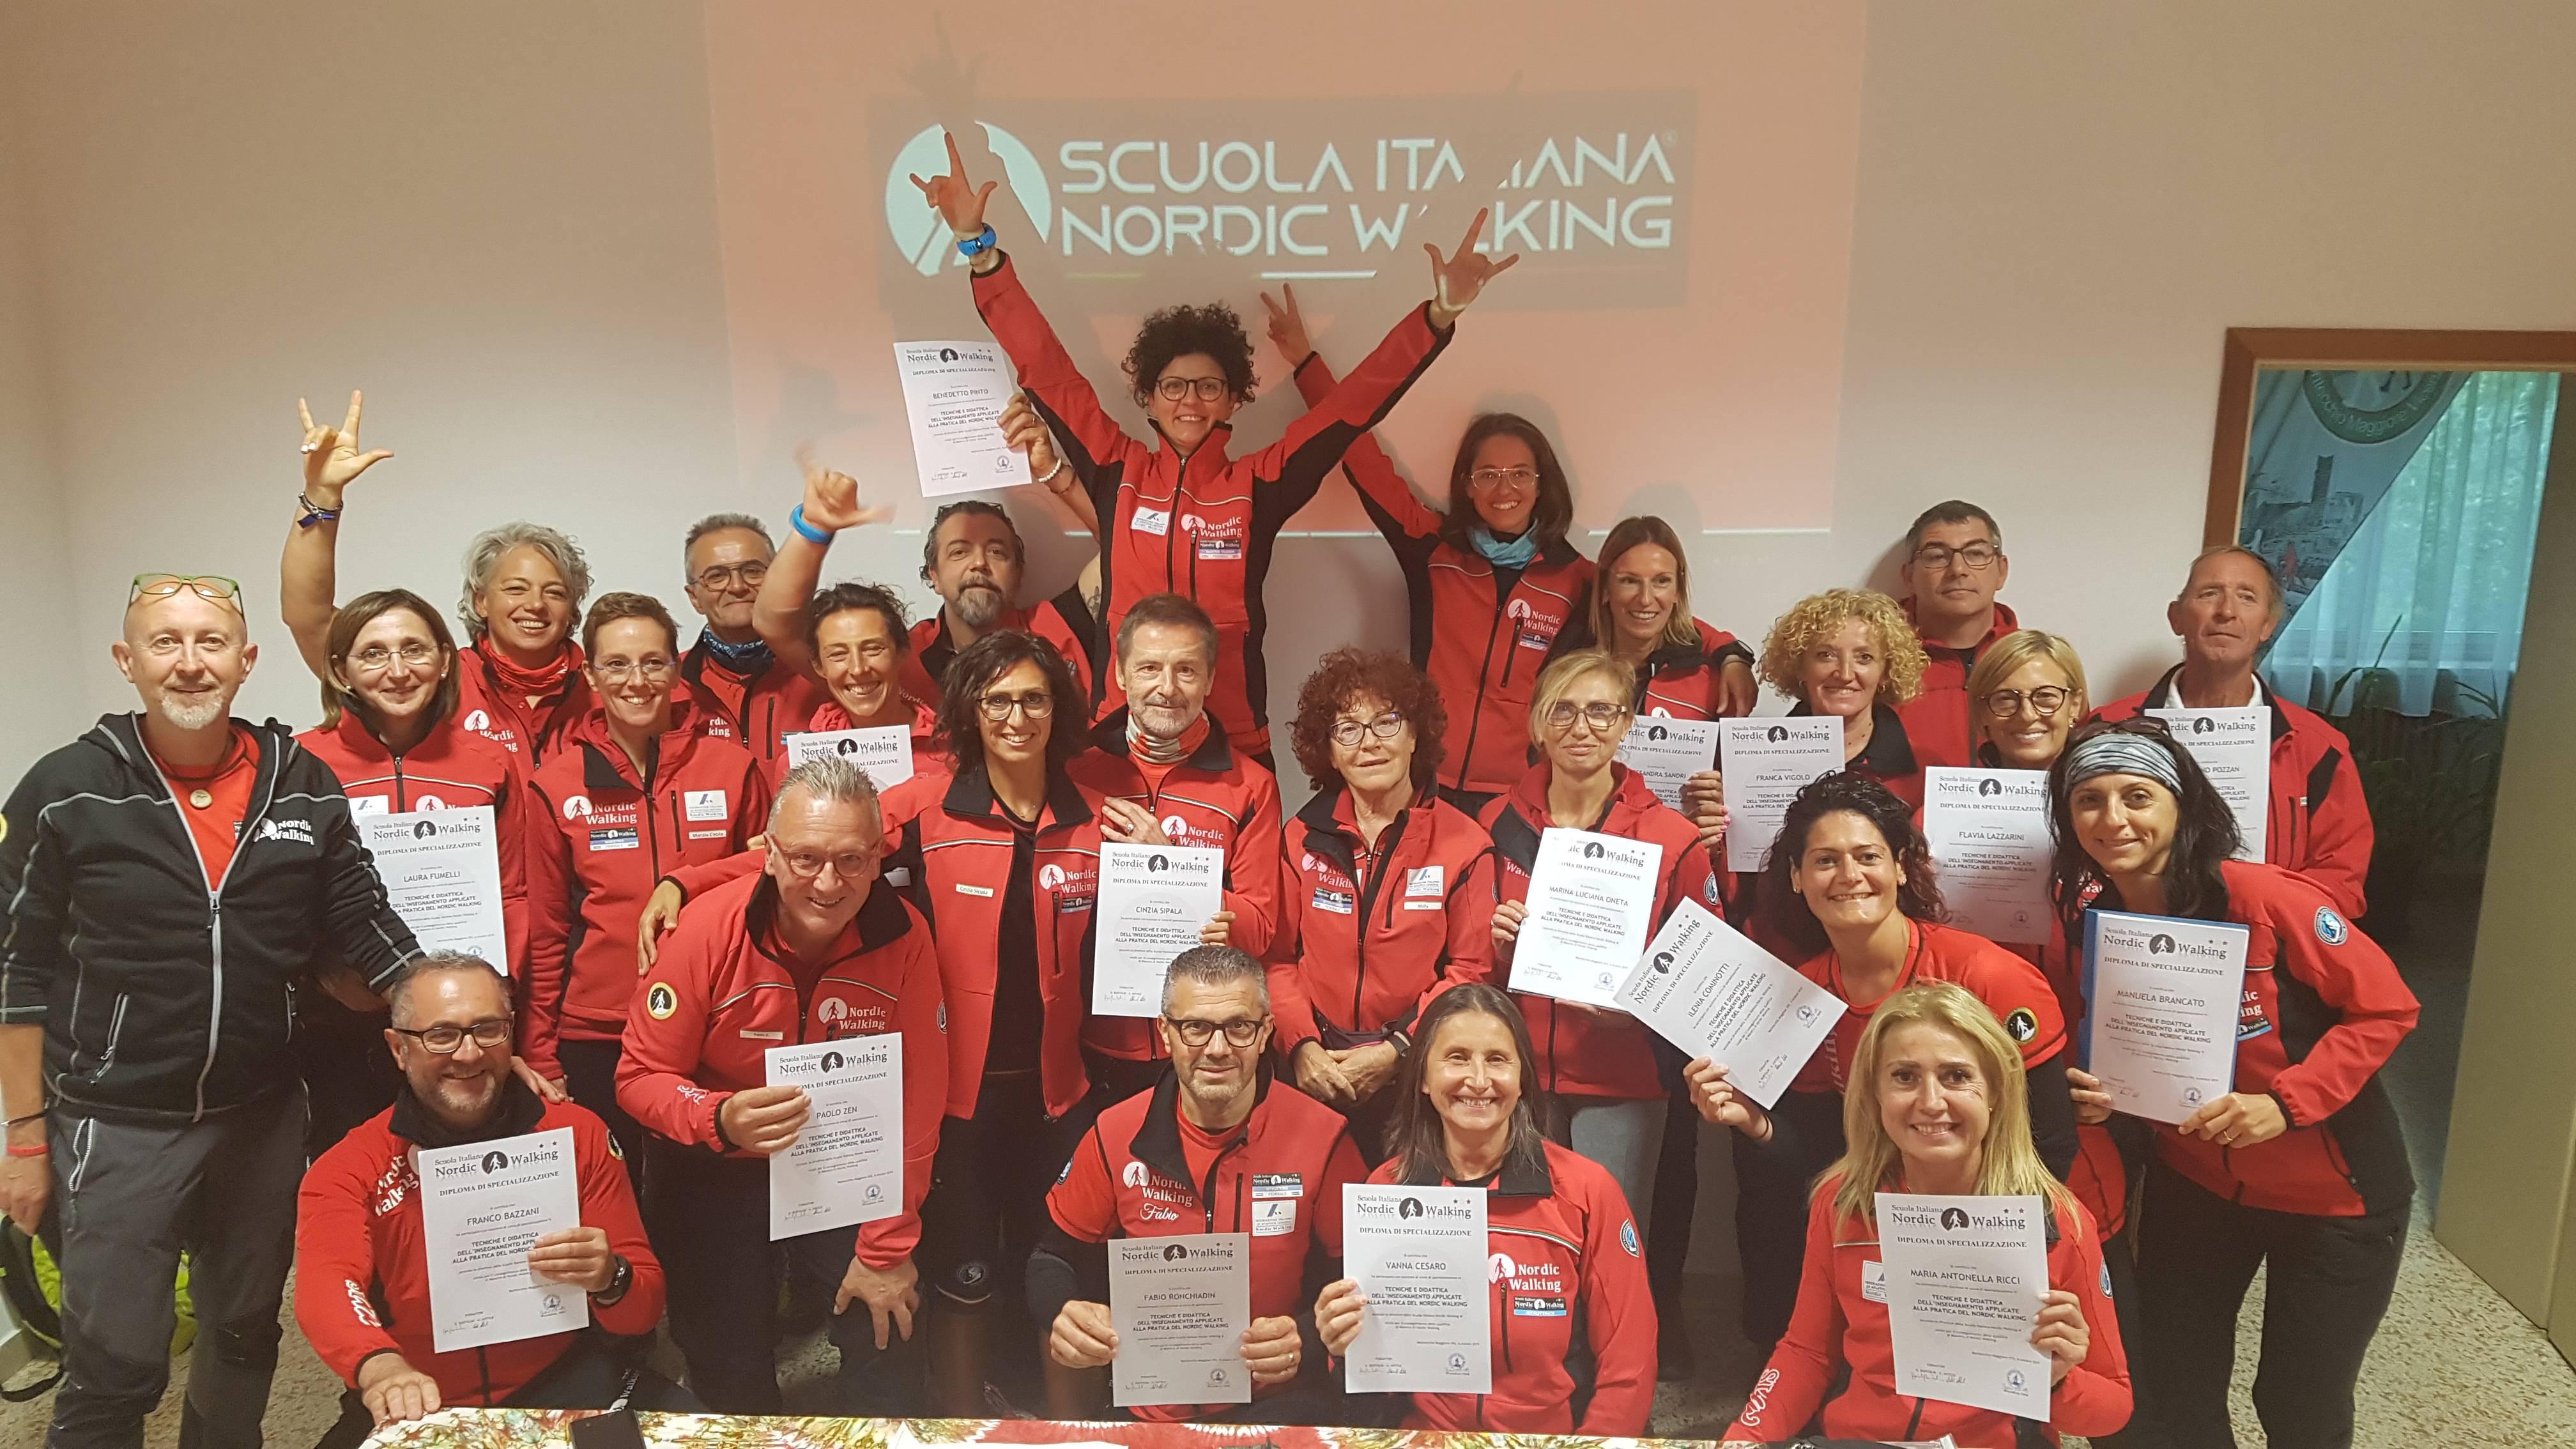 Corso di specializzazione Tecniche e didattica dell'insegnamento applicata alla pratica del nordic walking – Montecchio Maggiore (VI) 5-6 Ottobre